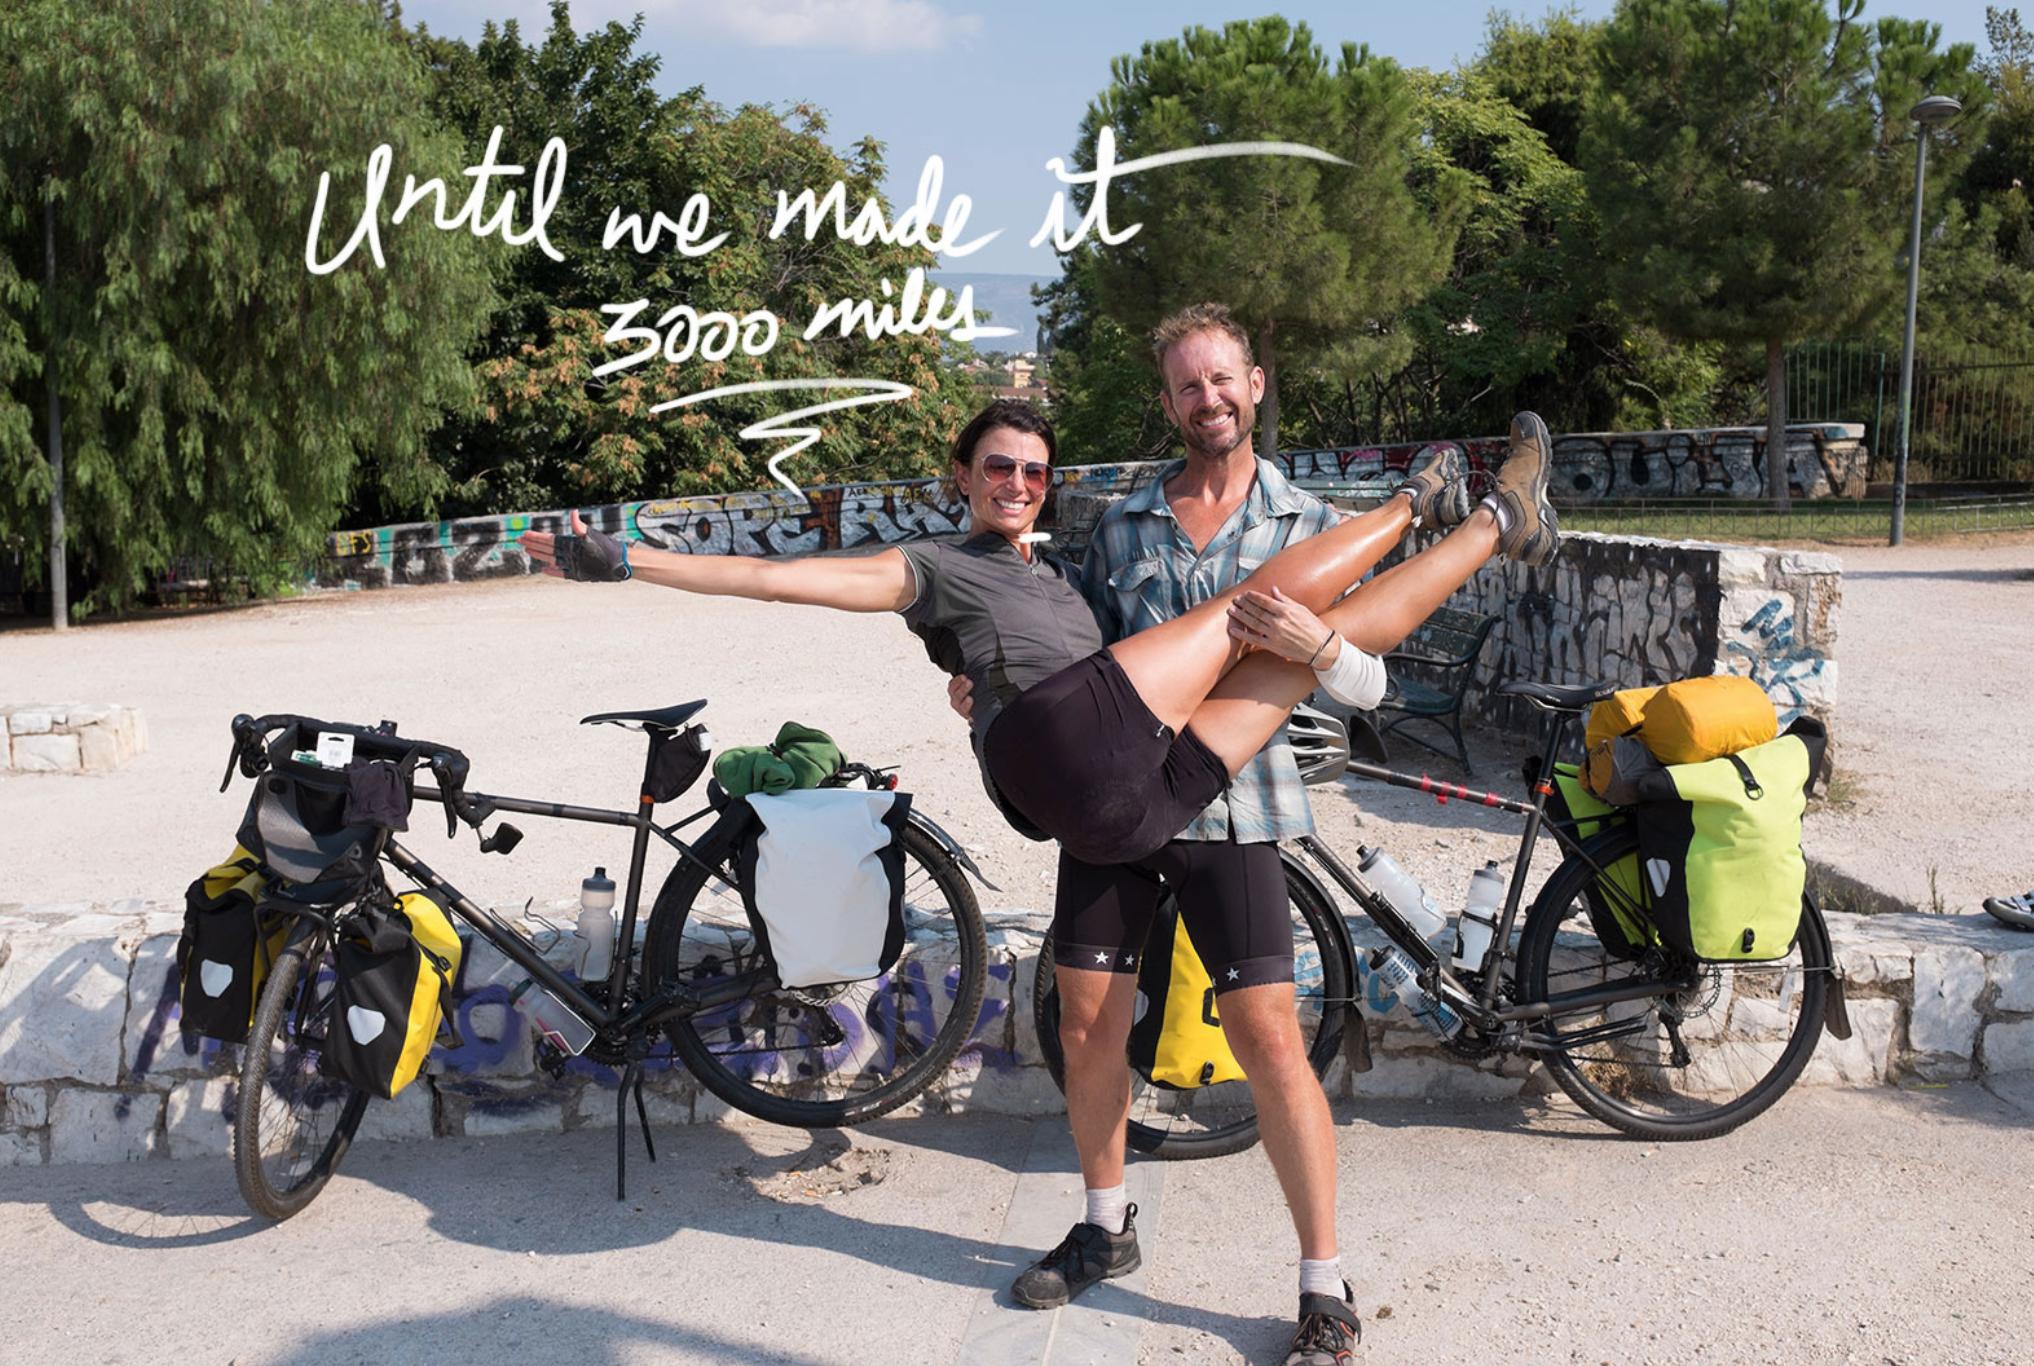 diephuis-trip-bike-3000-miles49.png